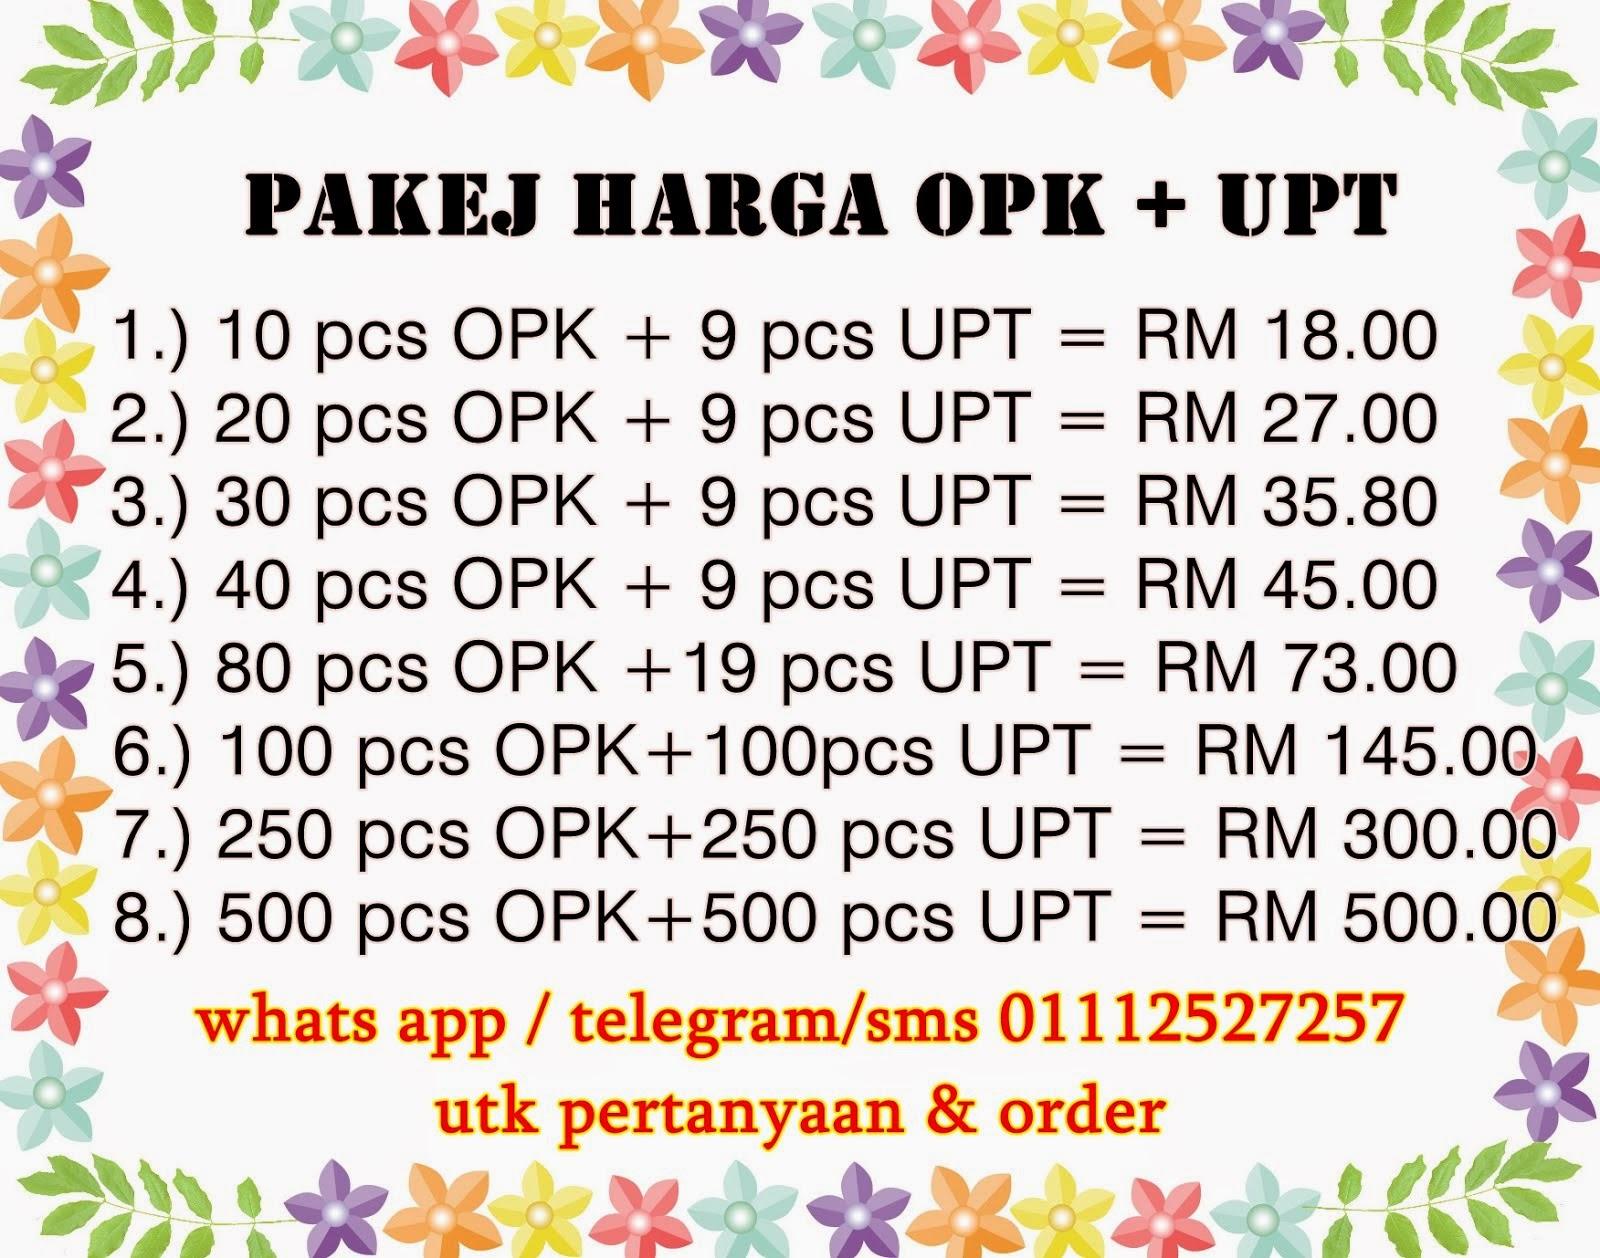 Harga Pakej OPK dan UPT